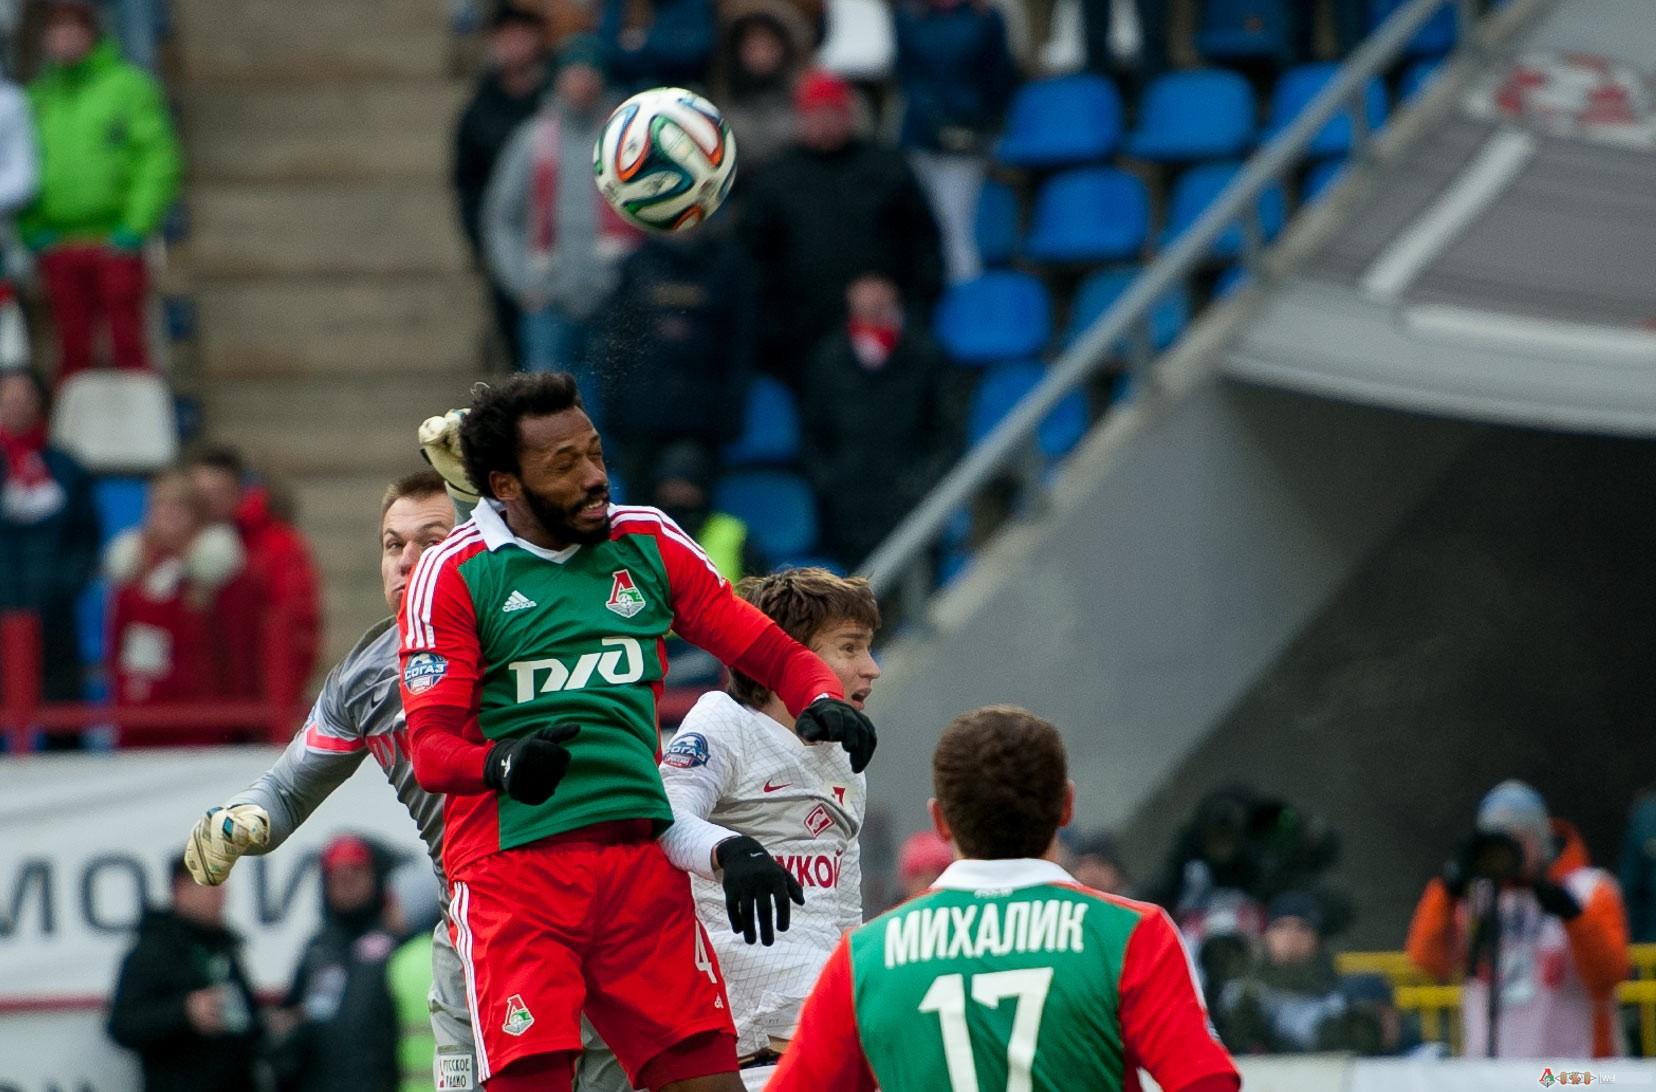 ФК Локомотив - ФК  Спартак 1-15